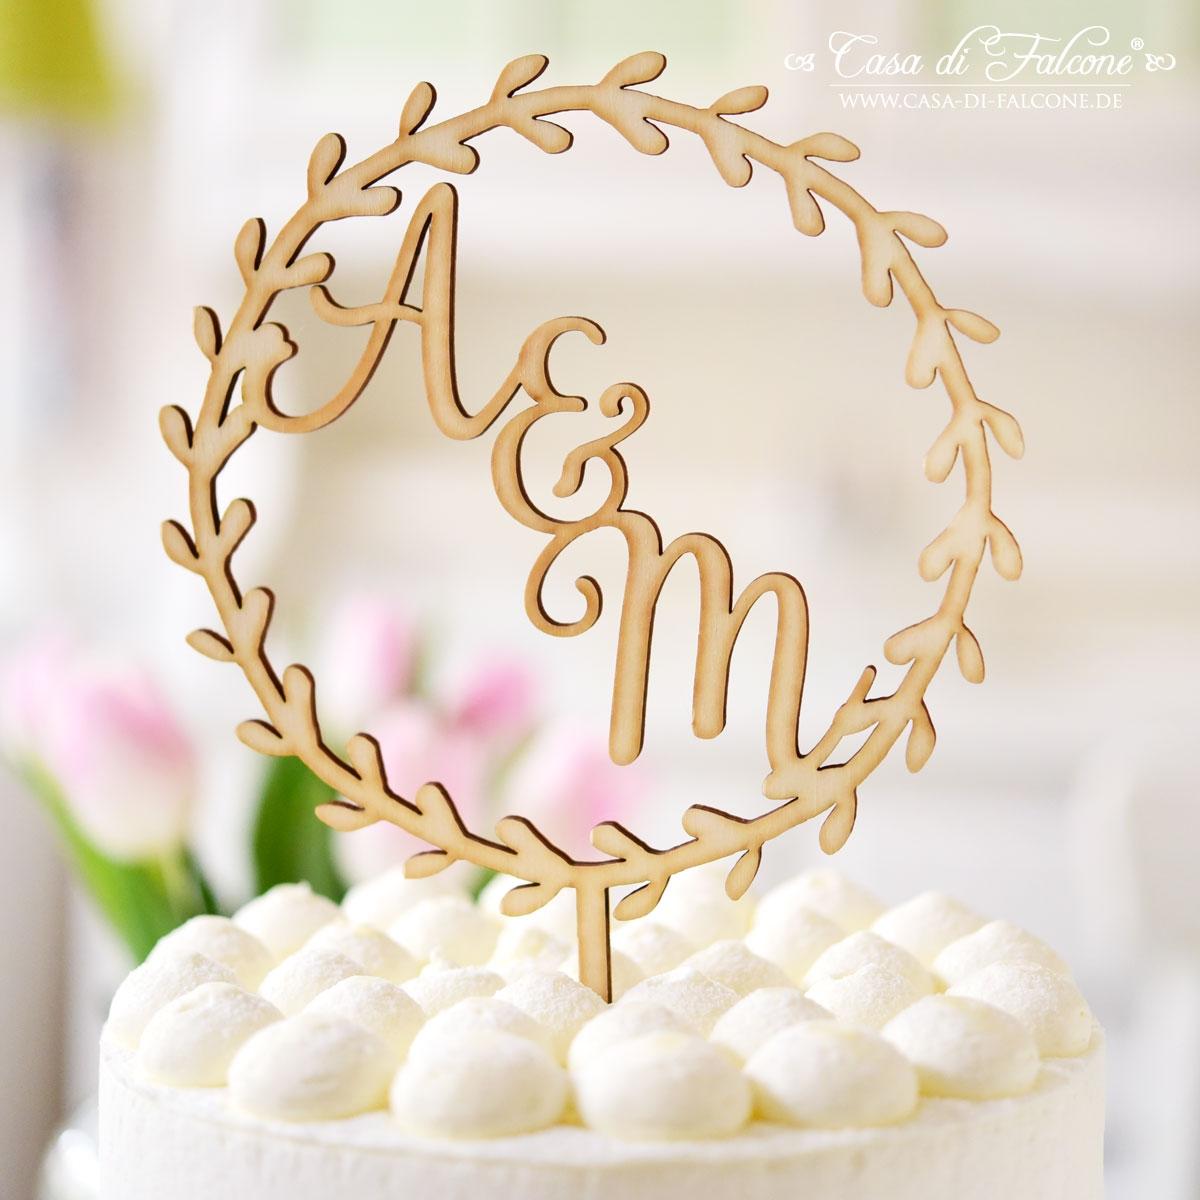 Produktion aus Deutschland Cake Topper Hochzeit personalisiert Kranz mit Namen